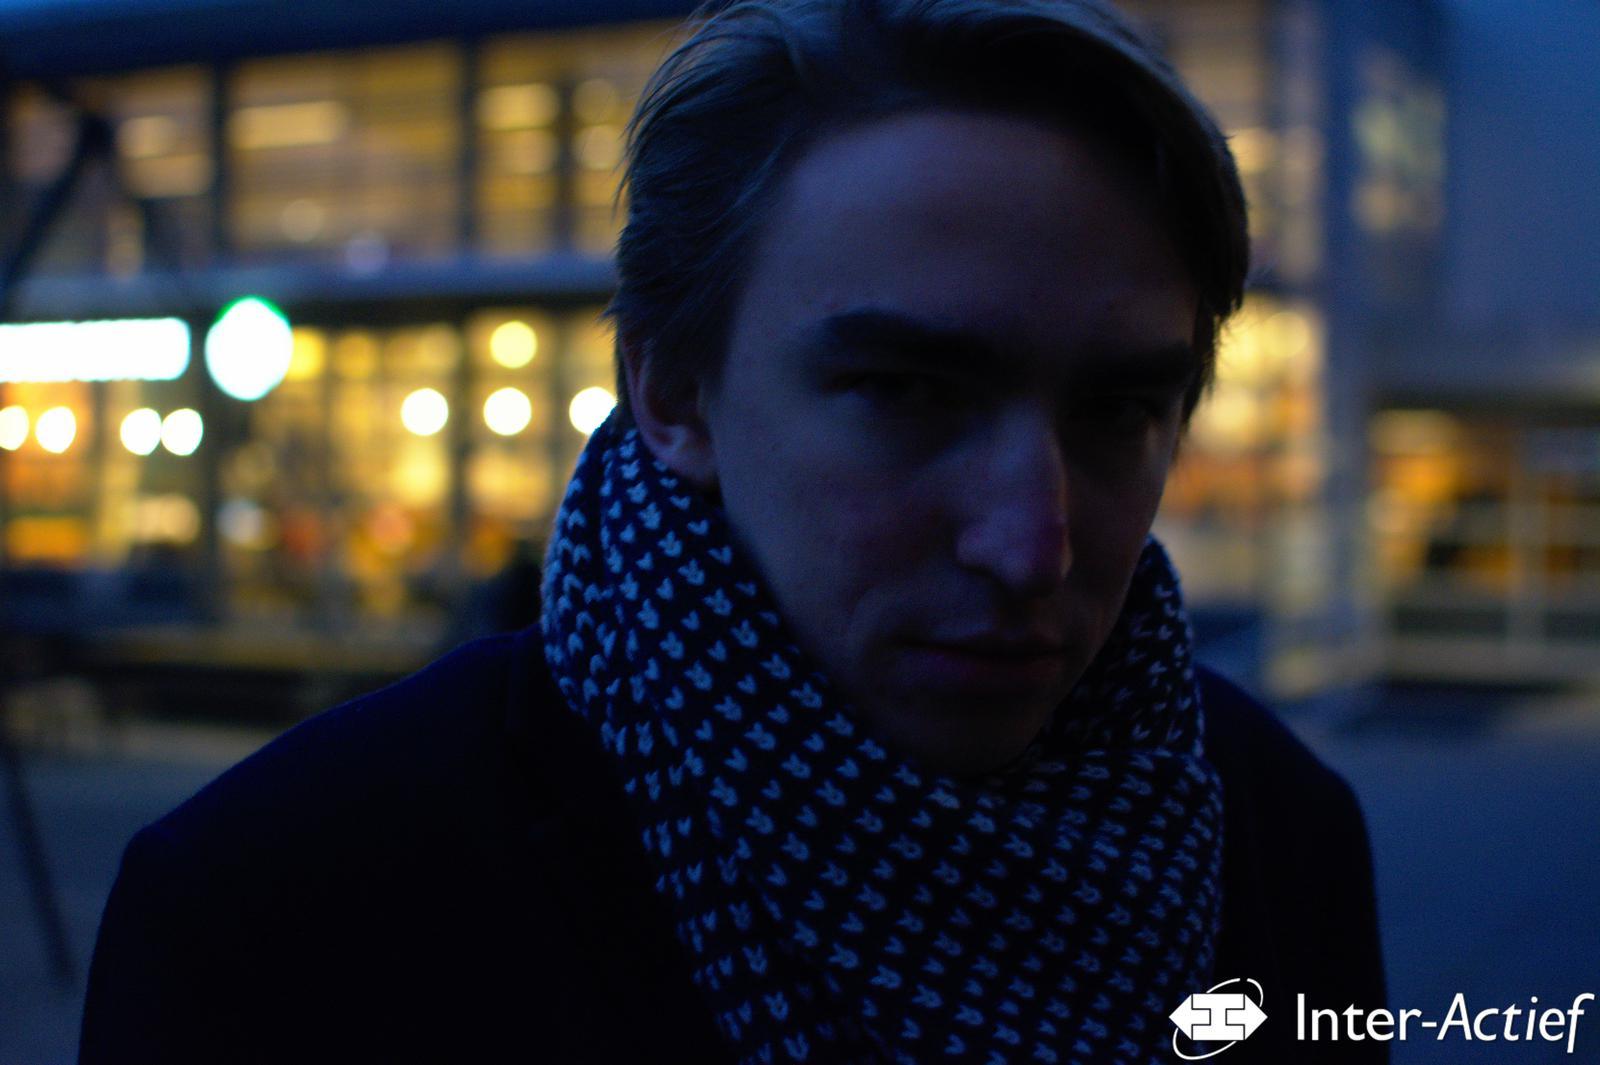 WinterWonderland1920_JellevdWijngaard-10.jpg